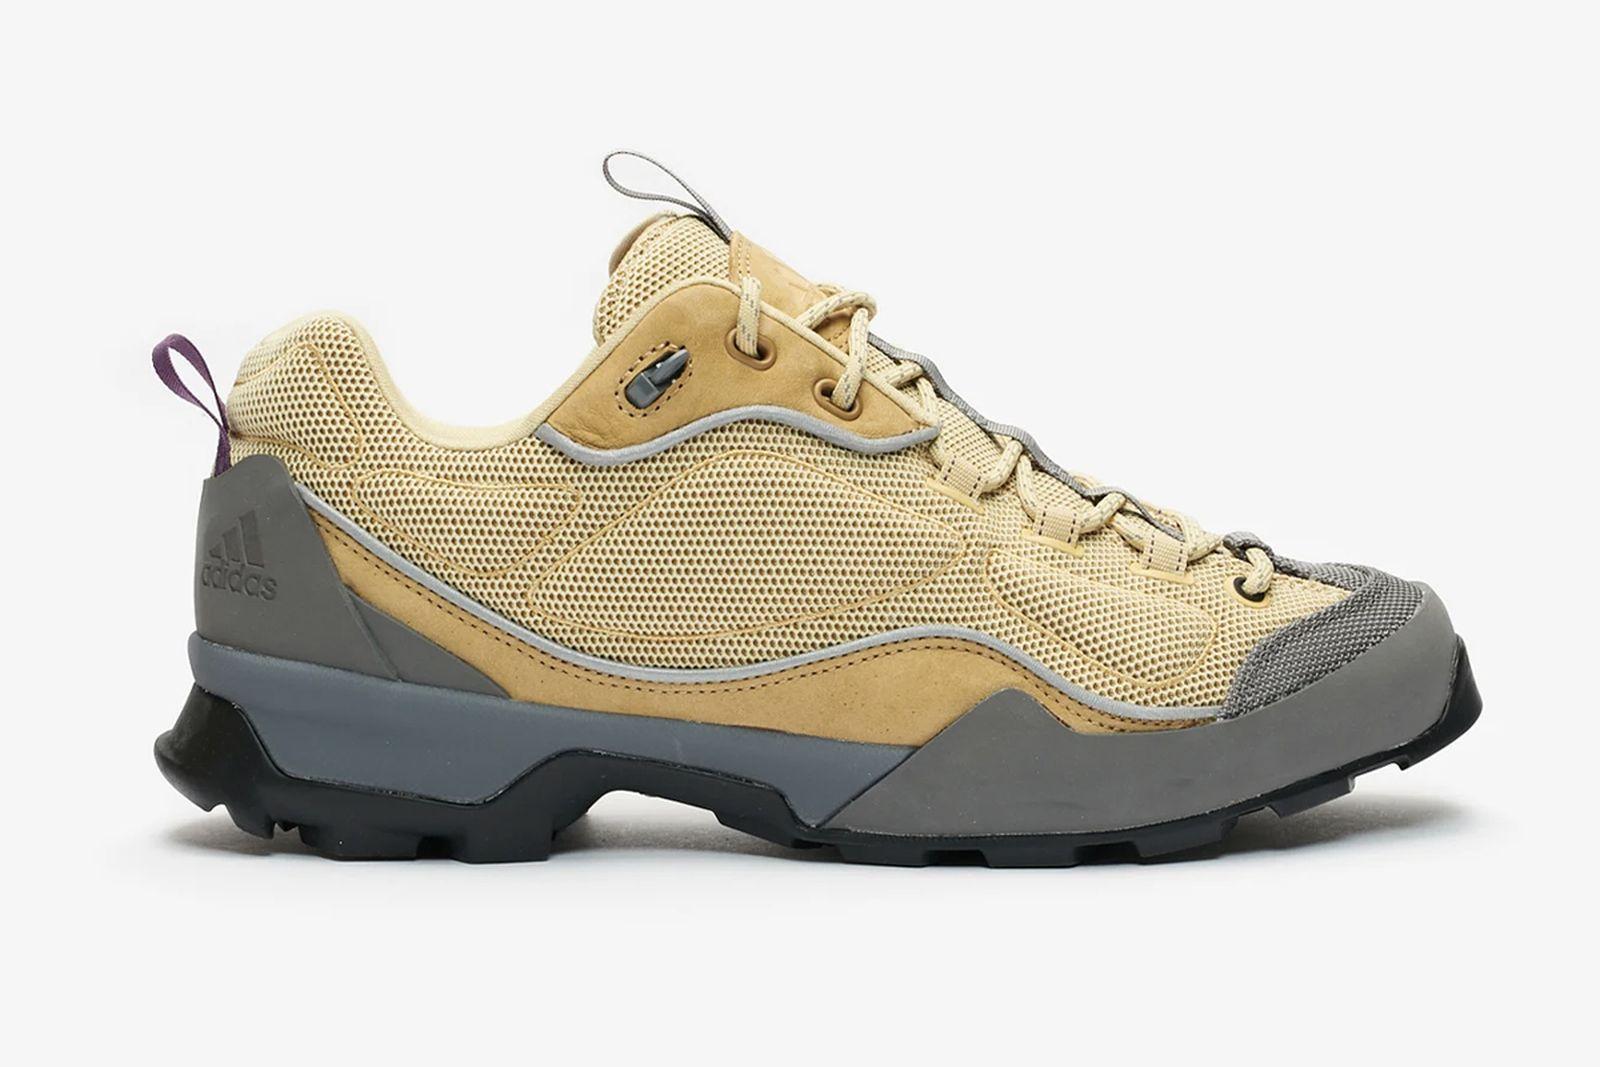 adidas-consortium-sahalex-release-date-price-05